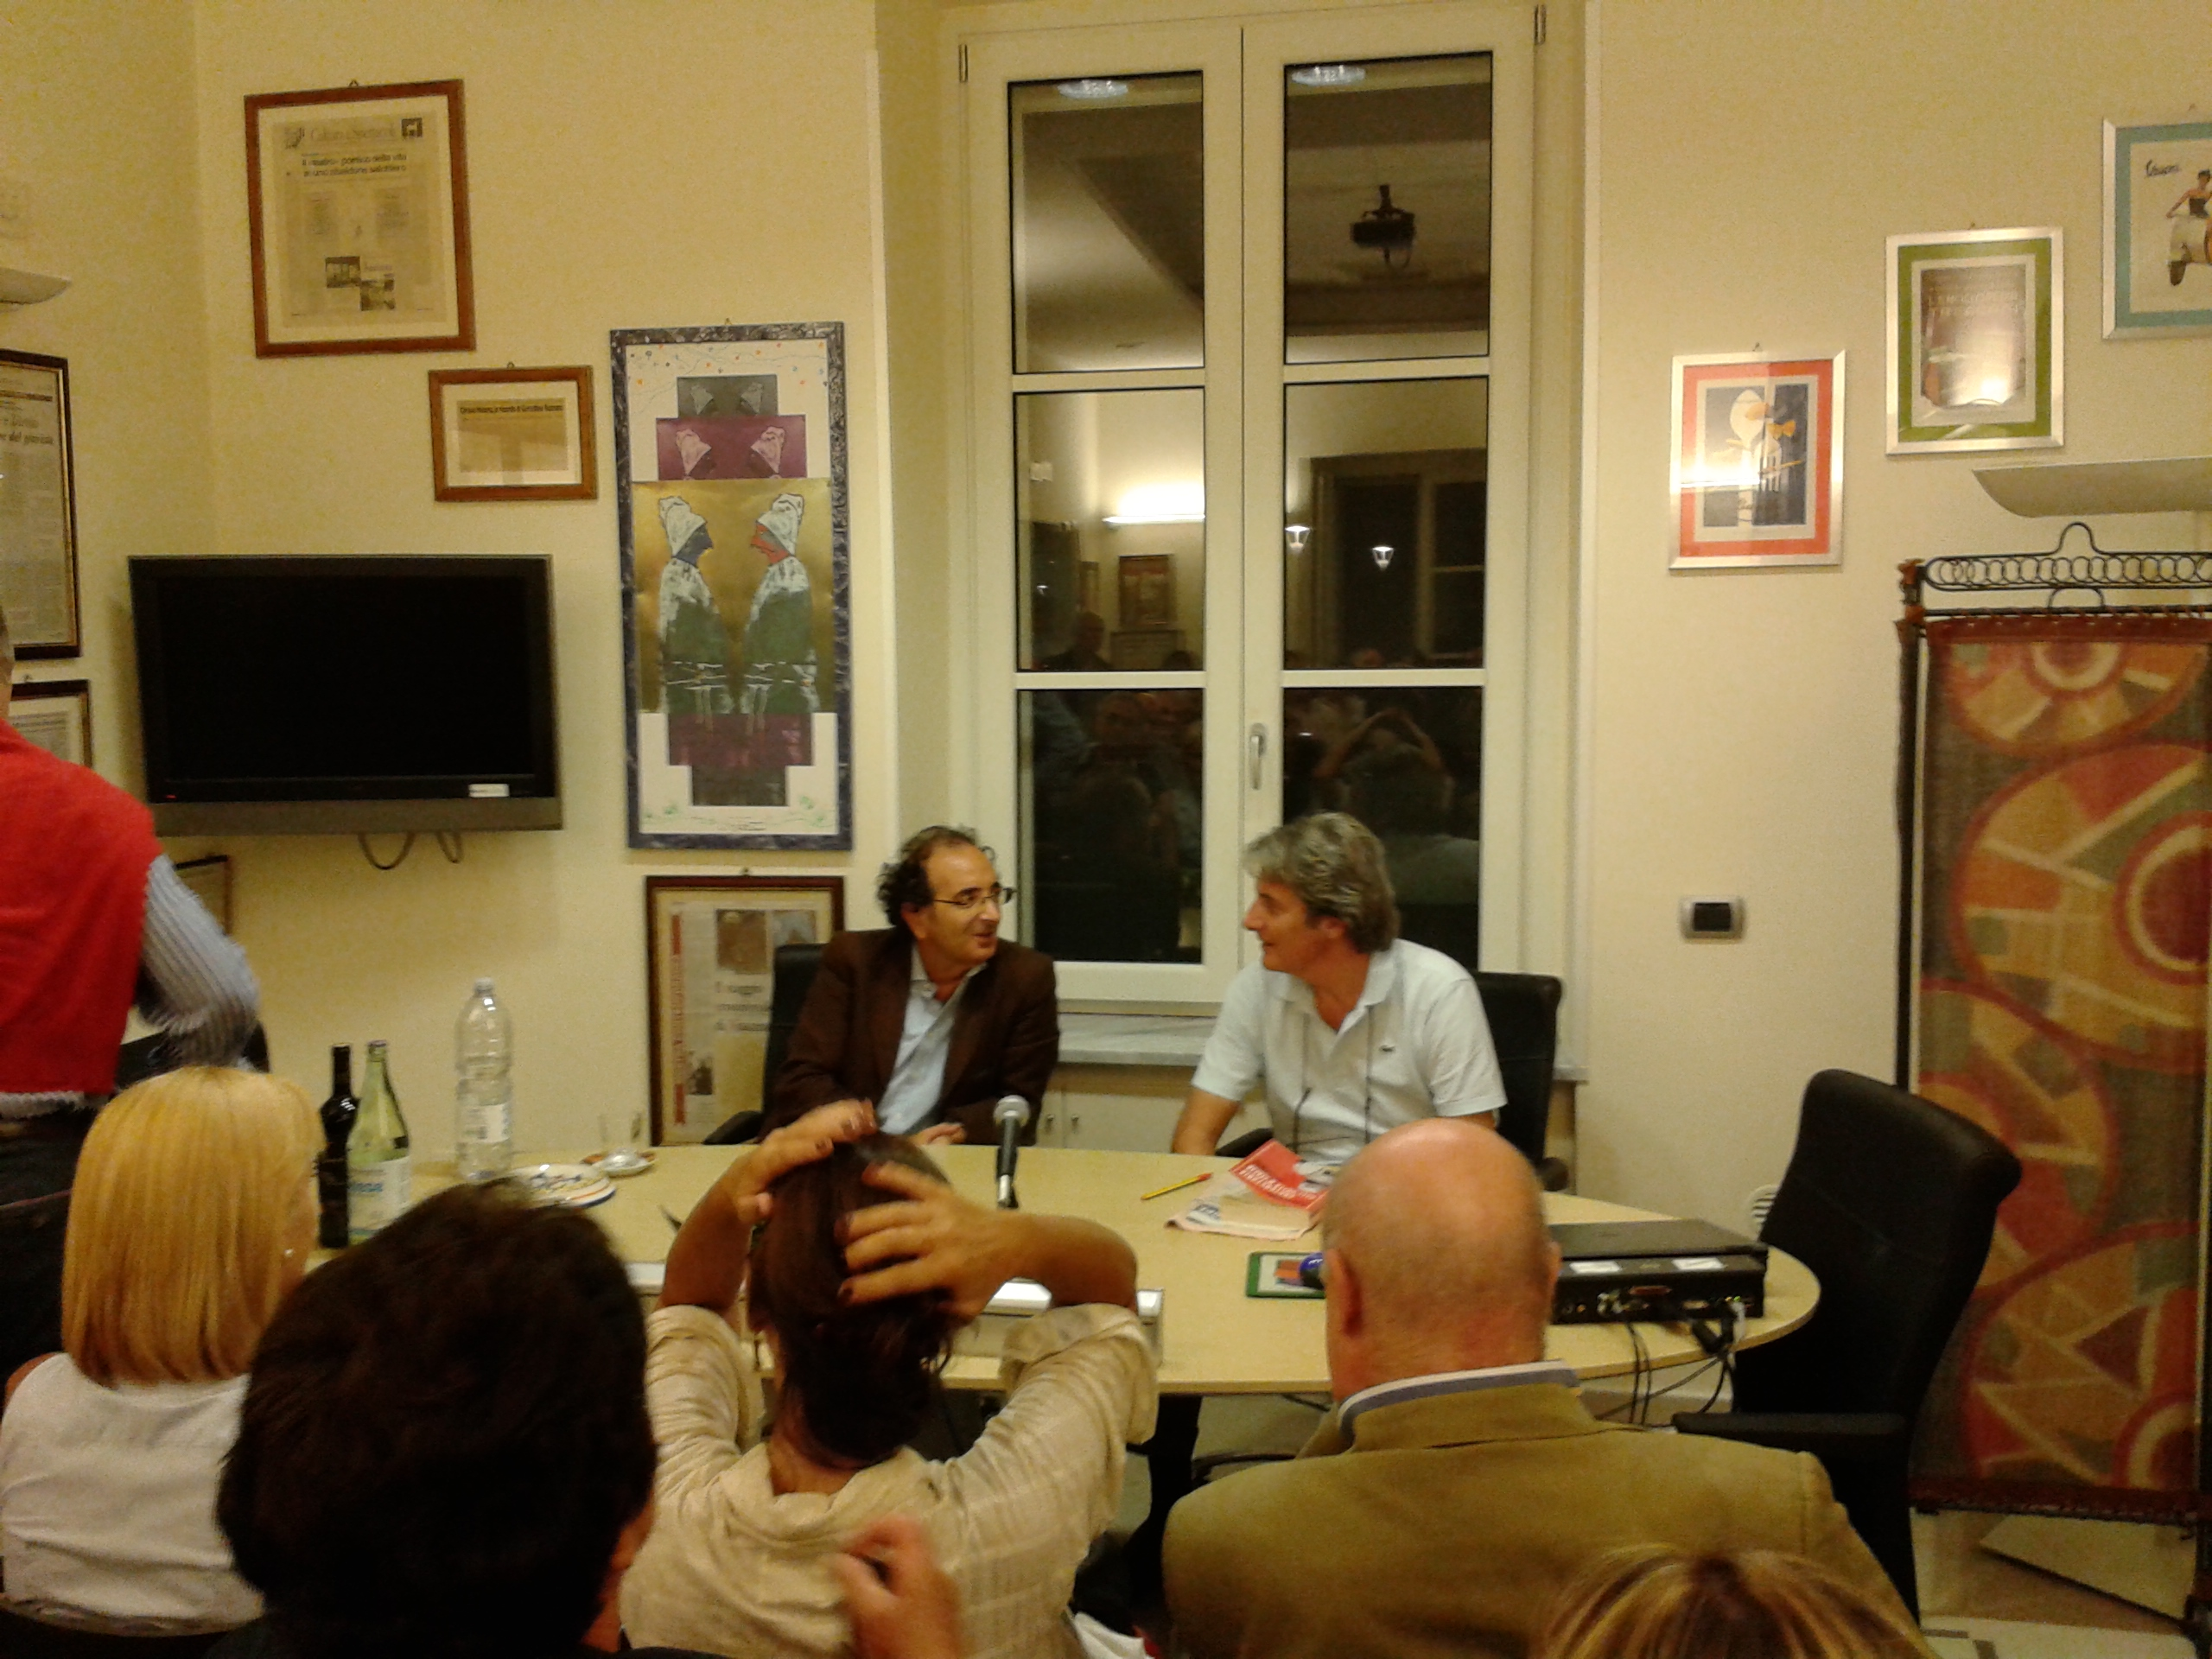 Incontro con Gigi Di Fiore alla Fondazione Gerardino Romano di Telese Terme